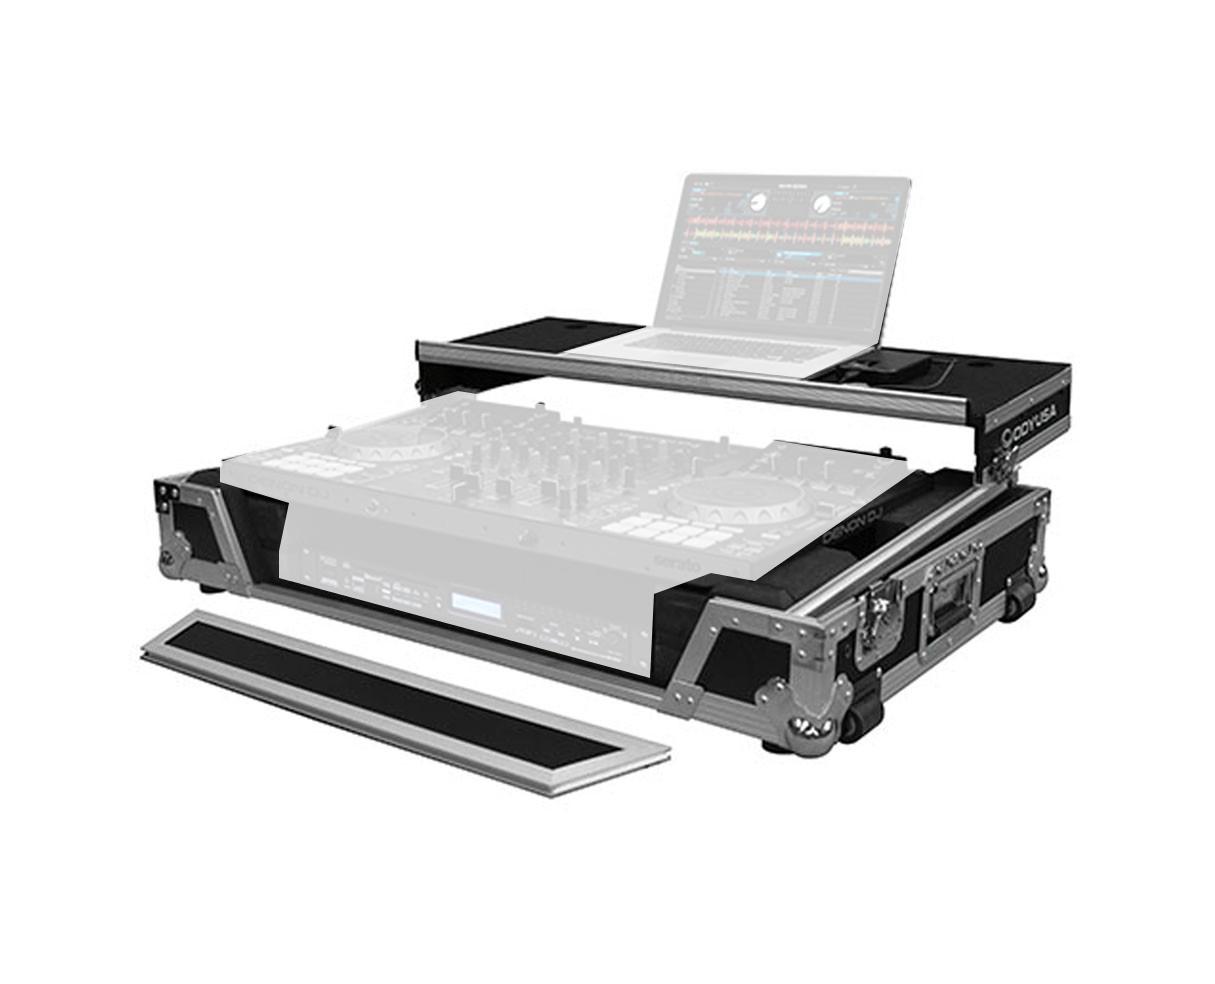 Denon MCX8000 DJ Controller Case